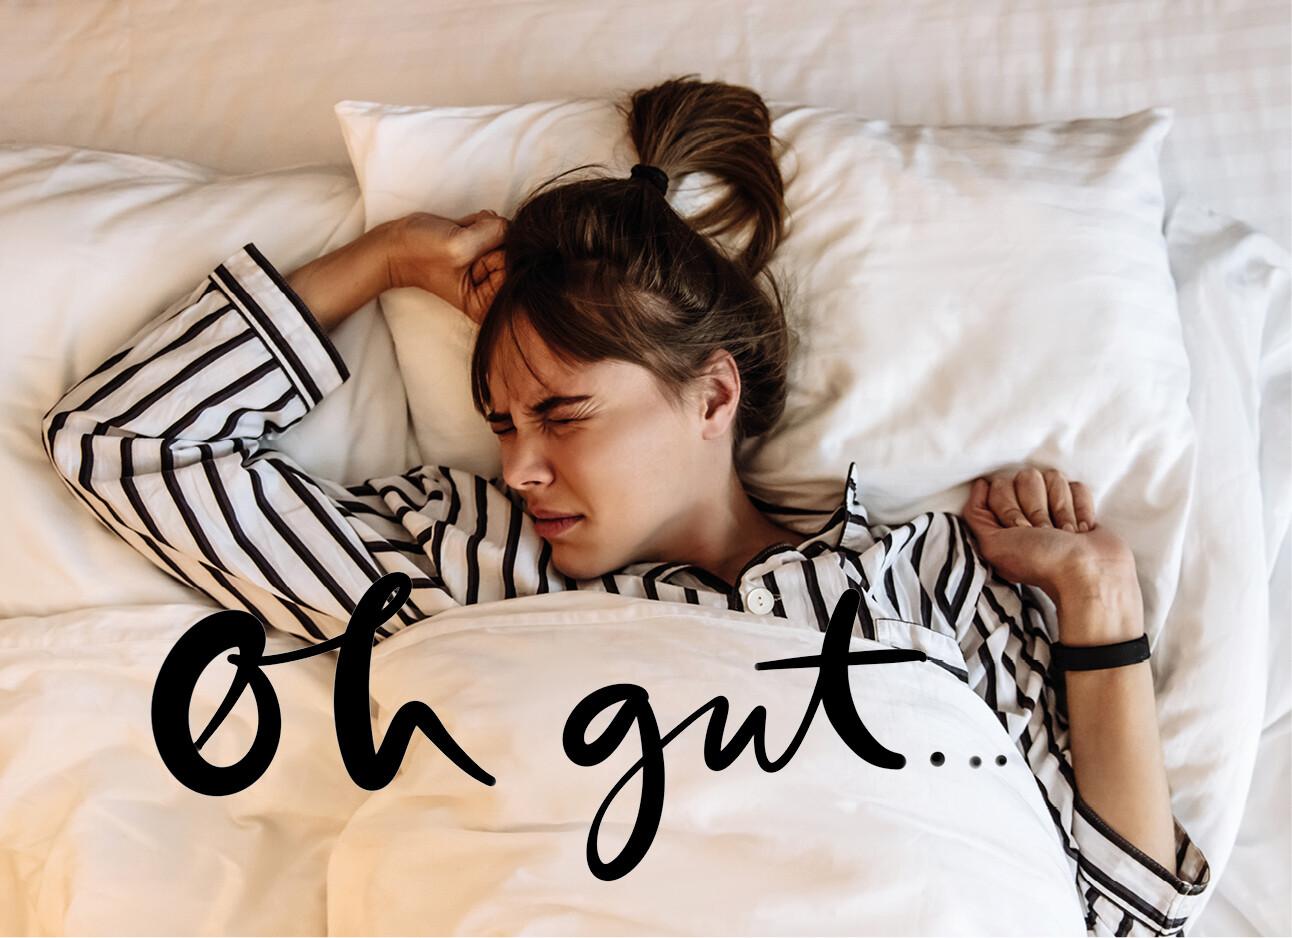 Vrouw moeite met slapen in bed